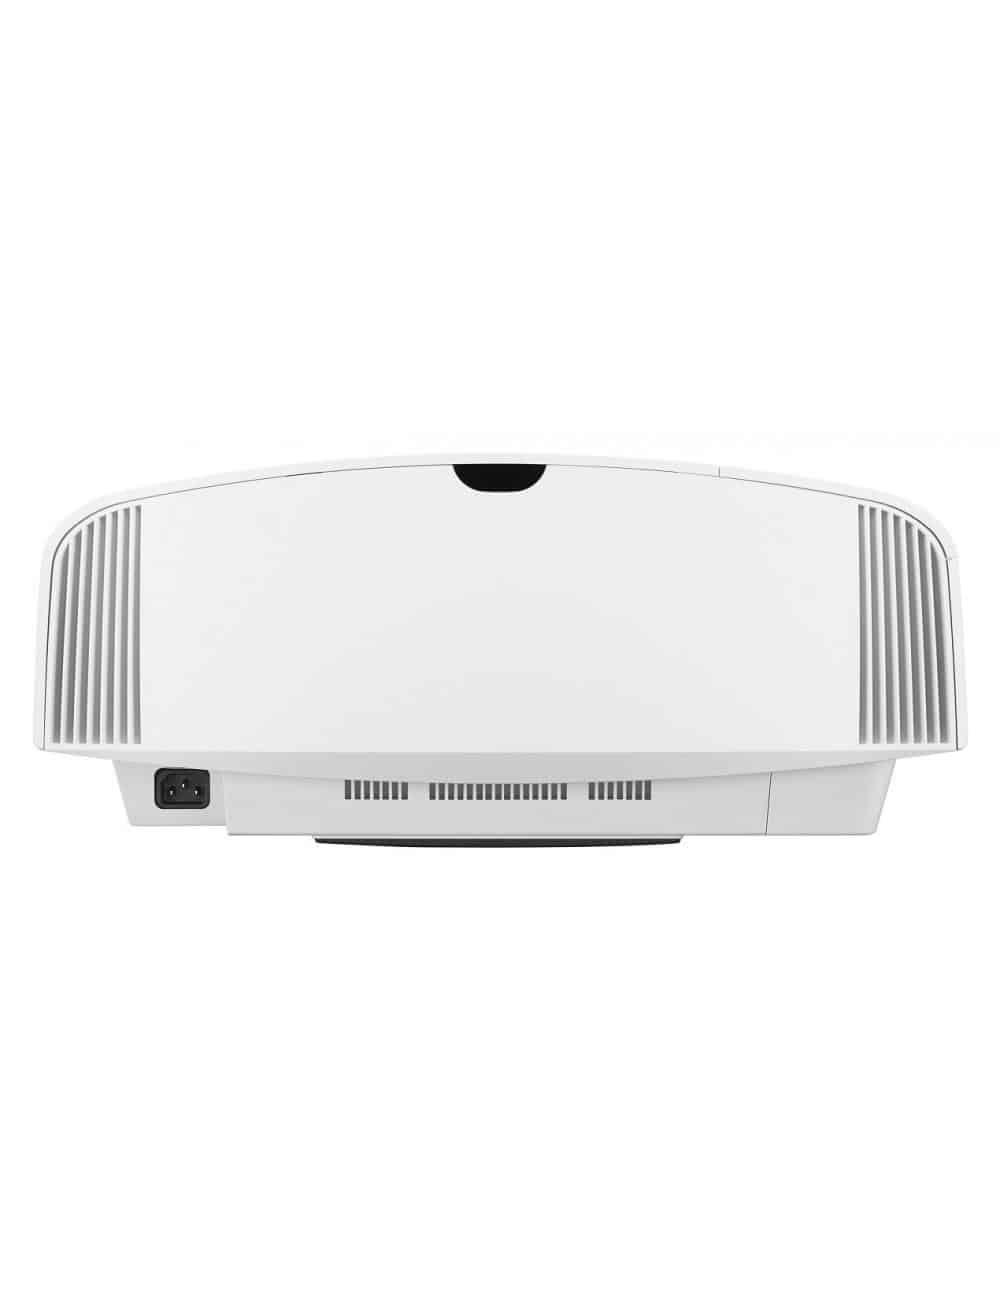 Proiettore 4K HDR per Home Cinema, Sony VPL-VW270ES, finitura white, vista posteriore